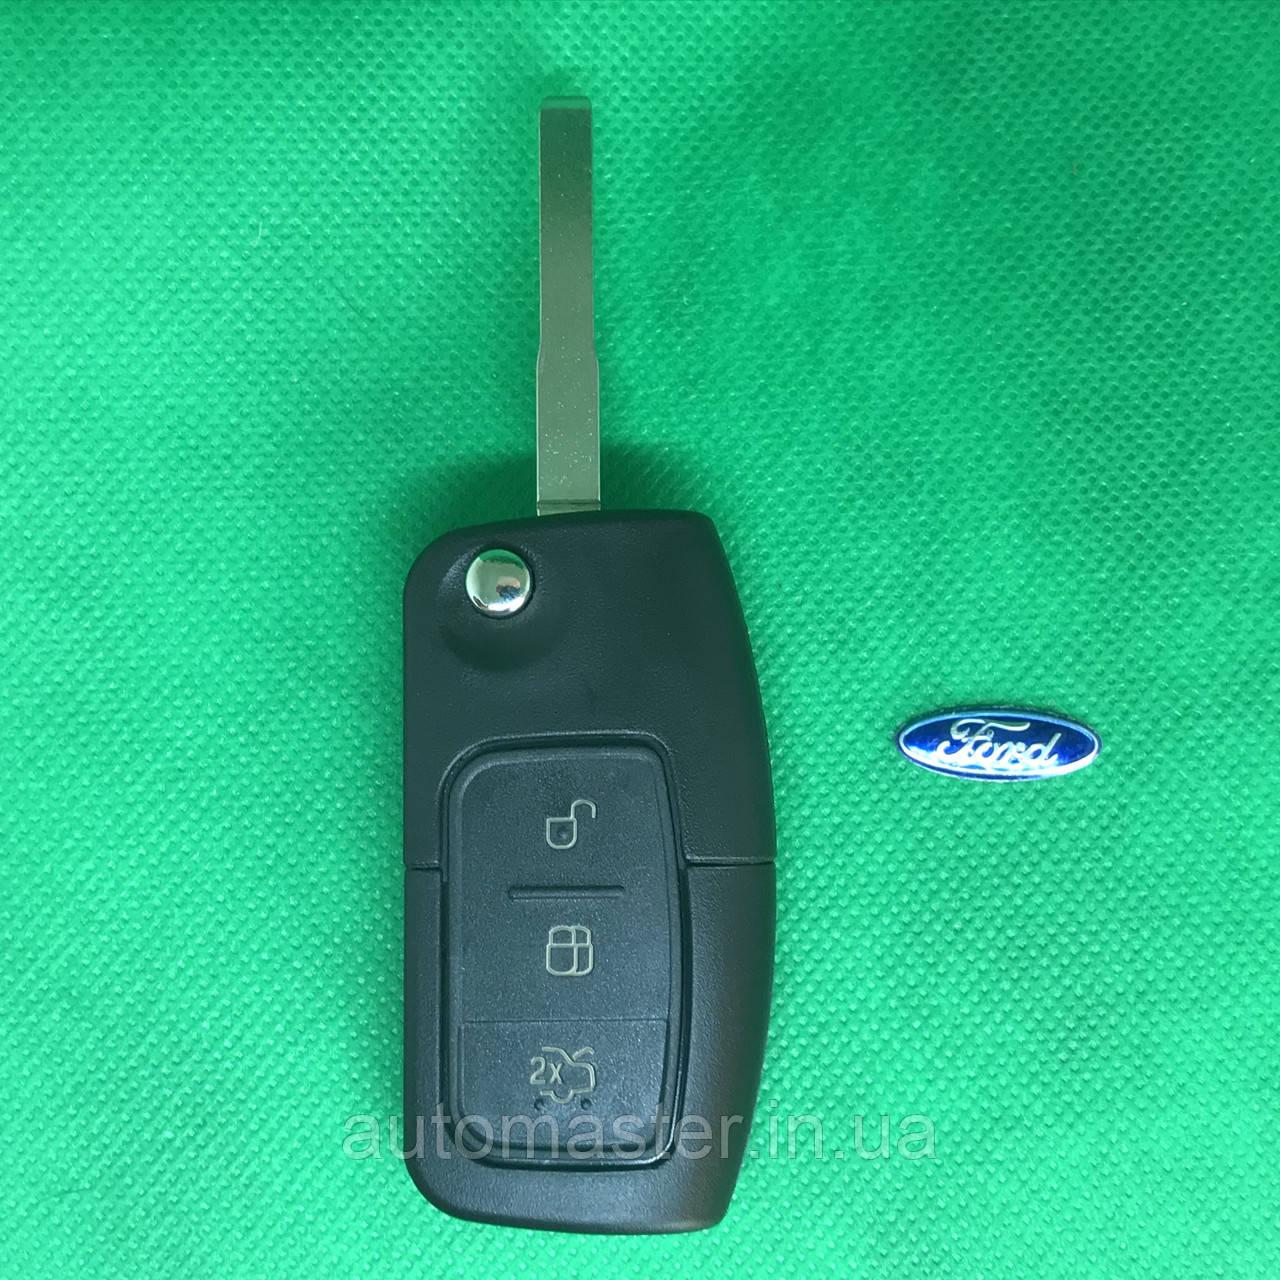 Корпус выкидного ключ для FORD (Форд) Fiesta,Focus ( Фиеста, Фокус ) корпус 3 - кнопки, лезвие HU101